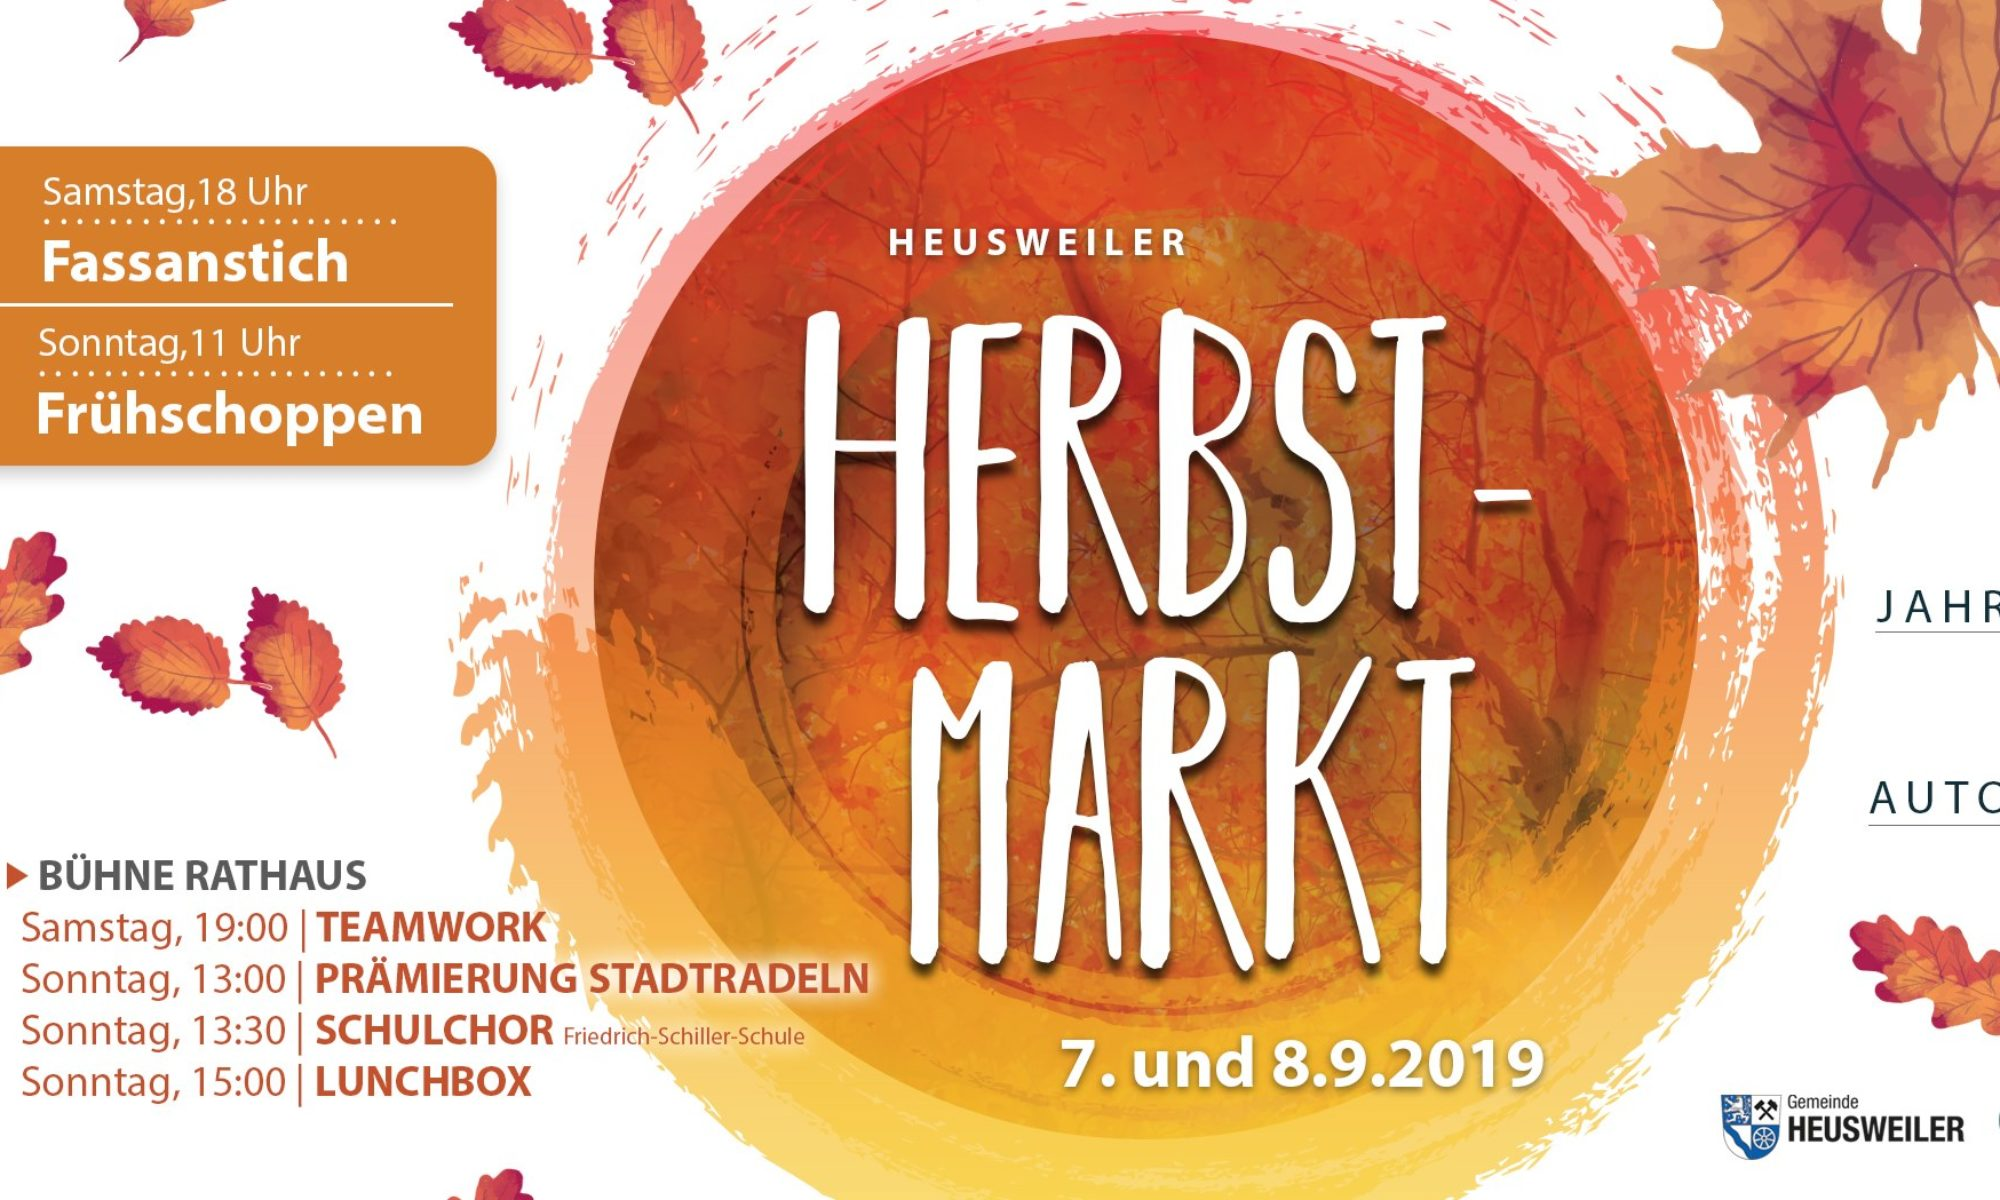 Heusweiler Herbstmarkt 2020